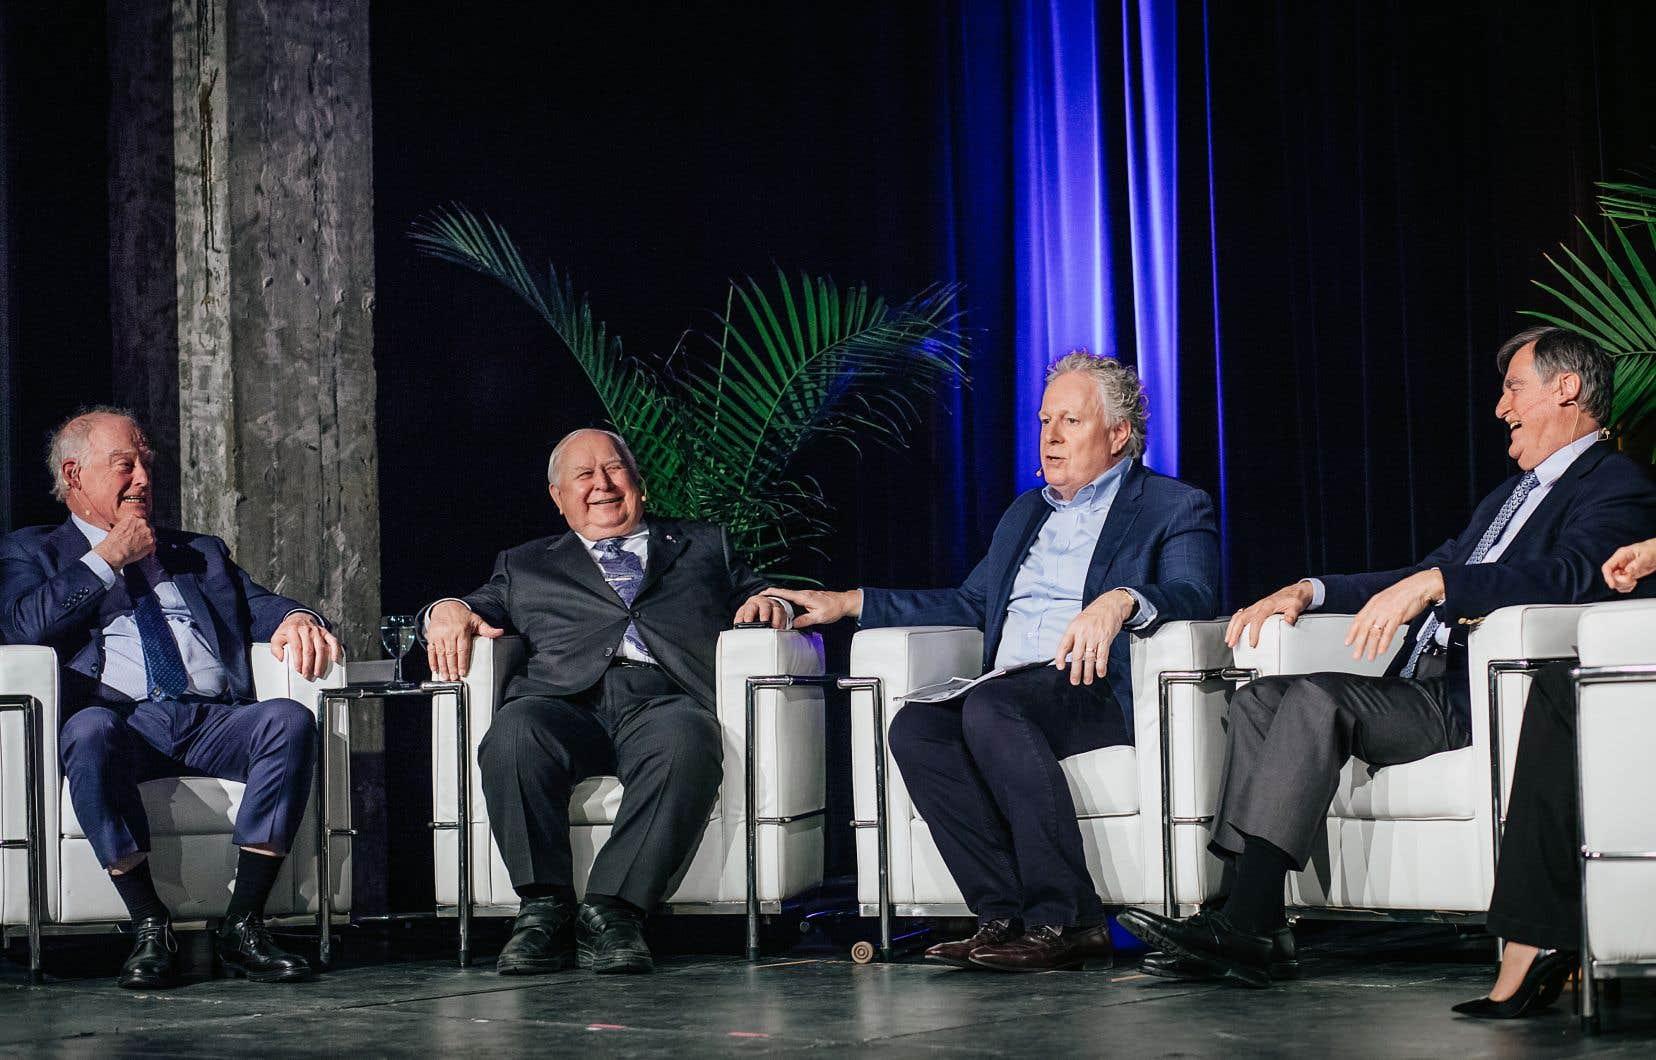 L'ancien président et directeur général de la société d'État André Caillé (à gauche) se trouvait dimanche aux côtés de l'ex-président et chef de l'exploitation Armand Couture et des anciens premiers ministres Jean Charest et Lucien Bouchard lors d'un événement soulignant les 75 ans d'Hydro-Québec à la SAT, à Montréal.